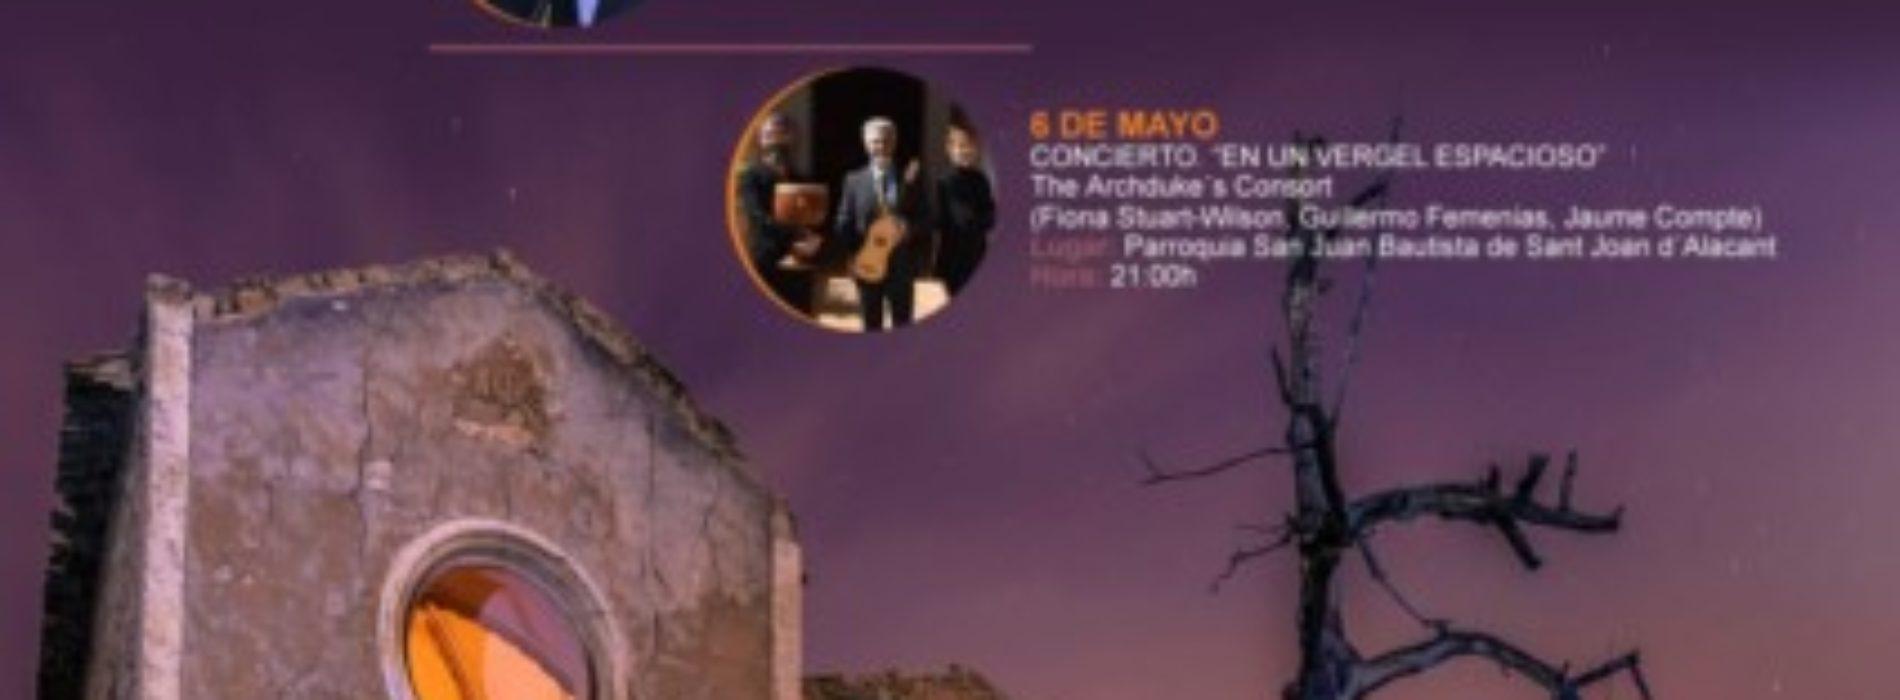 La Sociedad Musical «La Paz» presenta la XI Edición del Ciclo de Música Antigua «Sancti Iohannis